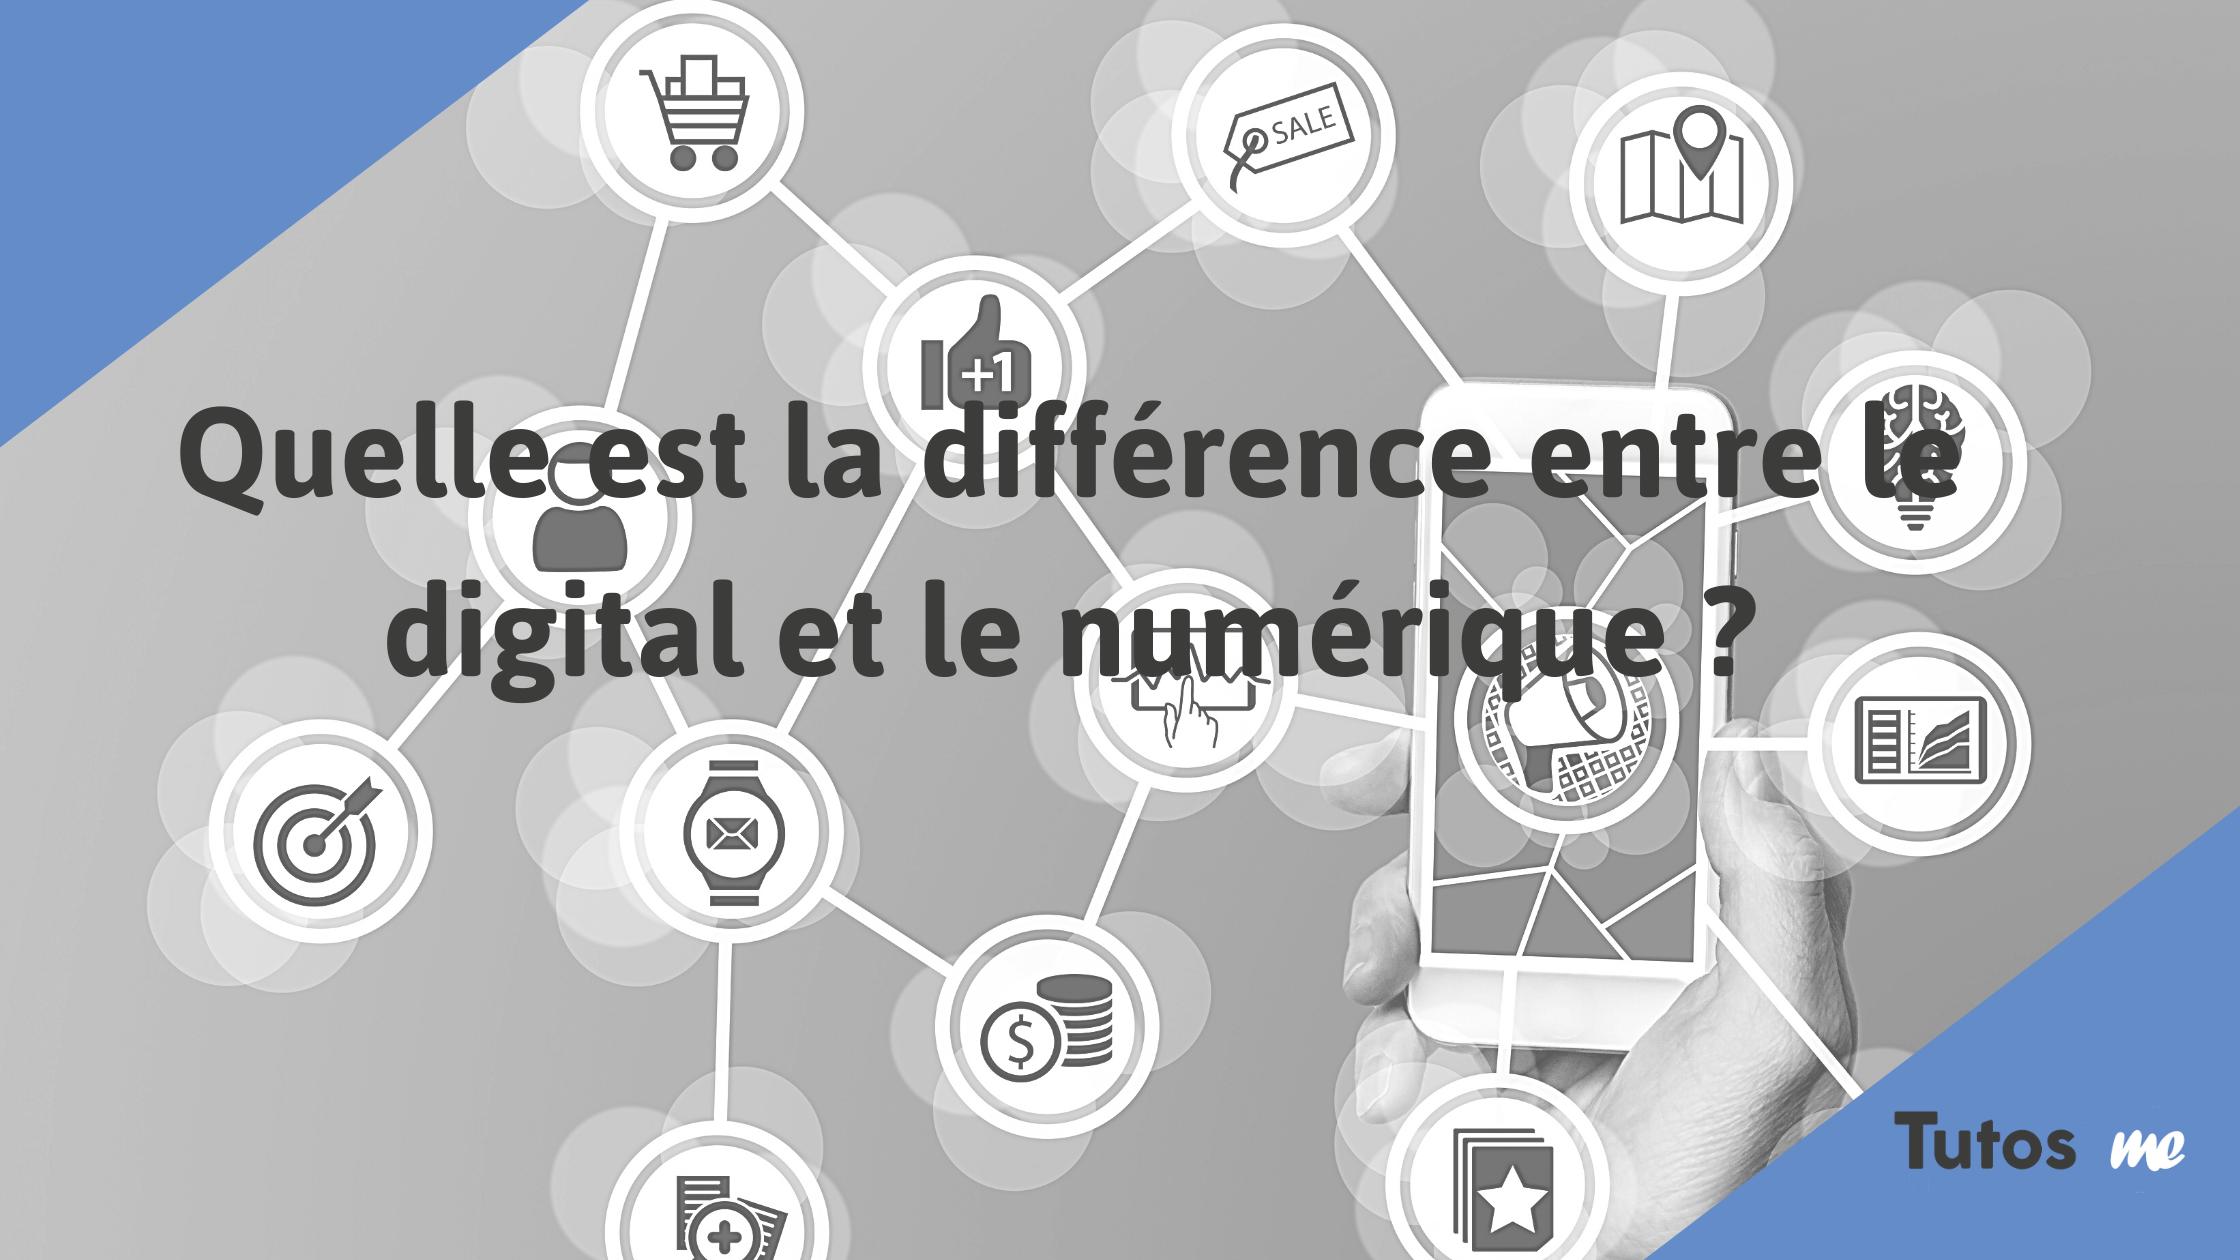 Quelle est la différence entre le digital et le numérique